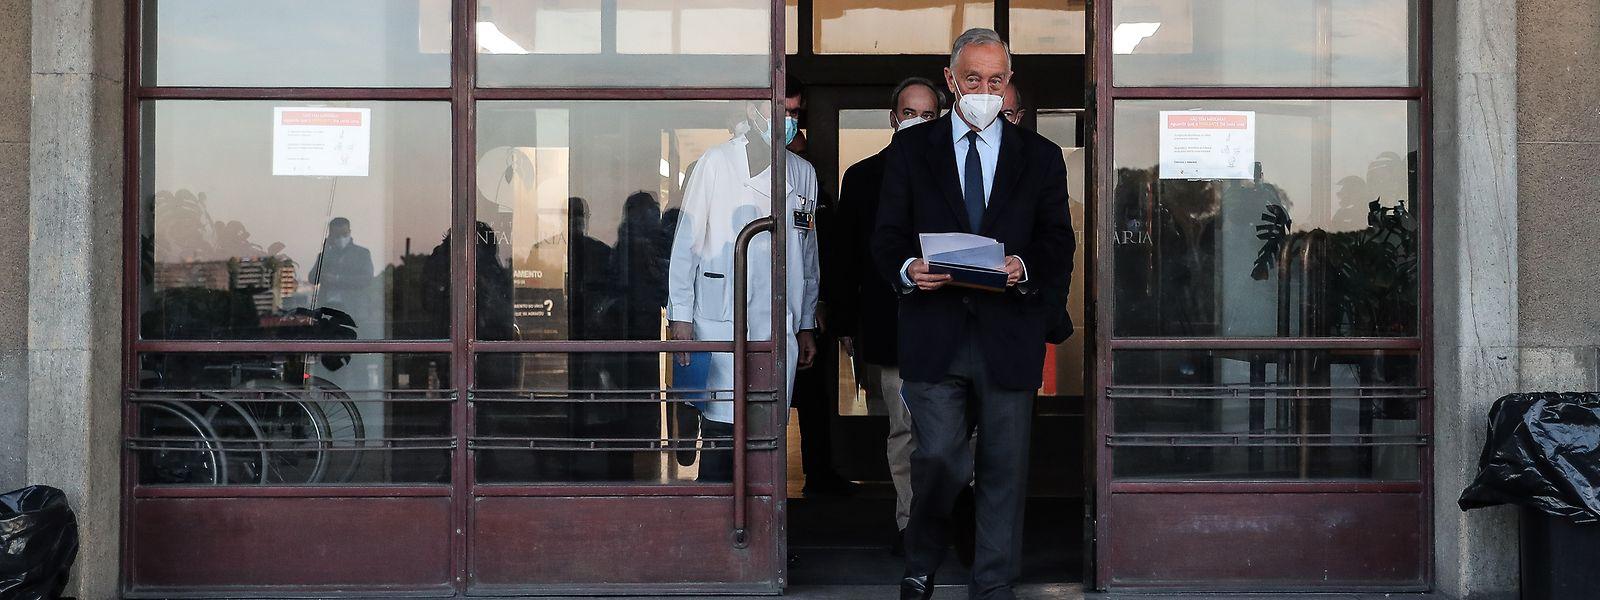 Marcelo Rebelo de Sousa numa visita ao Hospital Santa Maria, em Lisboa, no âmbito da campanha eleitoral para as eleições presidenciais.